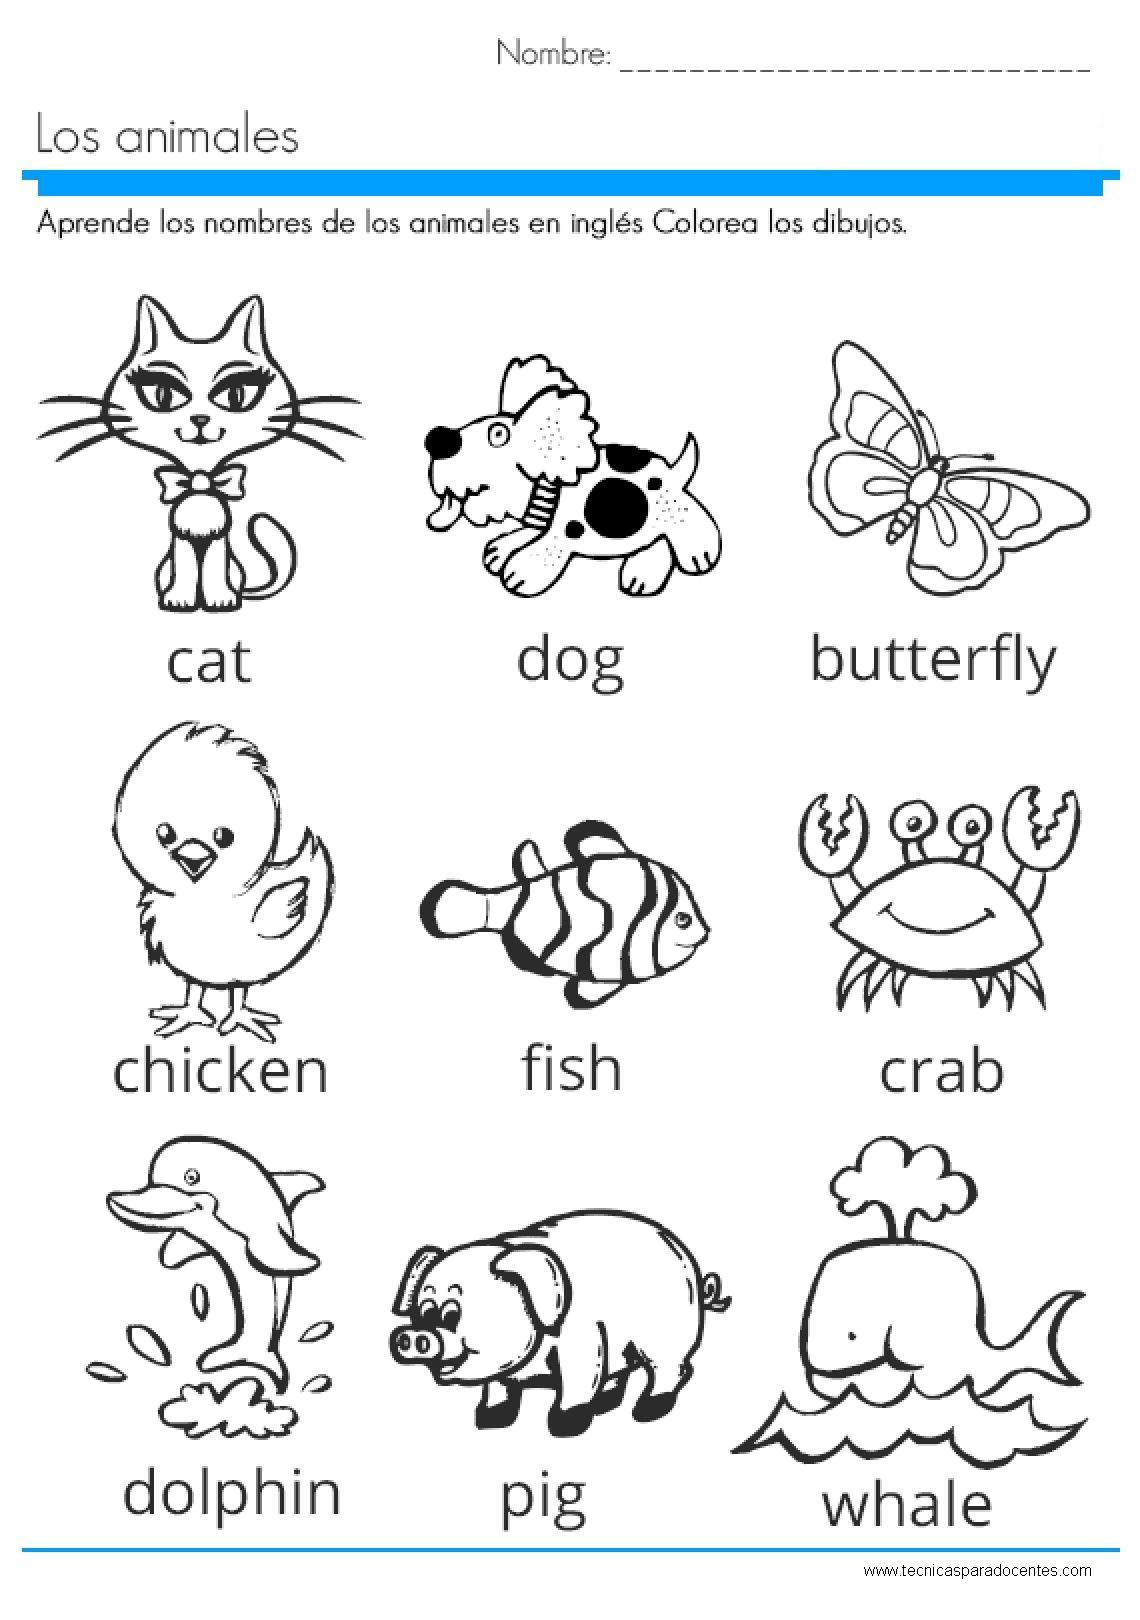 Pdf Excelente Cuadernillo De Ingles Para Ninos Ingles Basico Para Ninos Animales En Ingles Ingles Para Preescolar